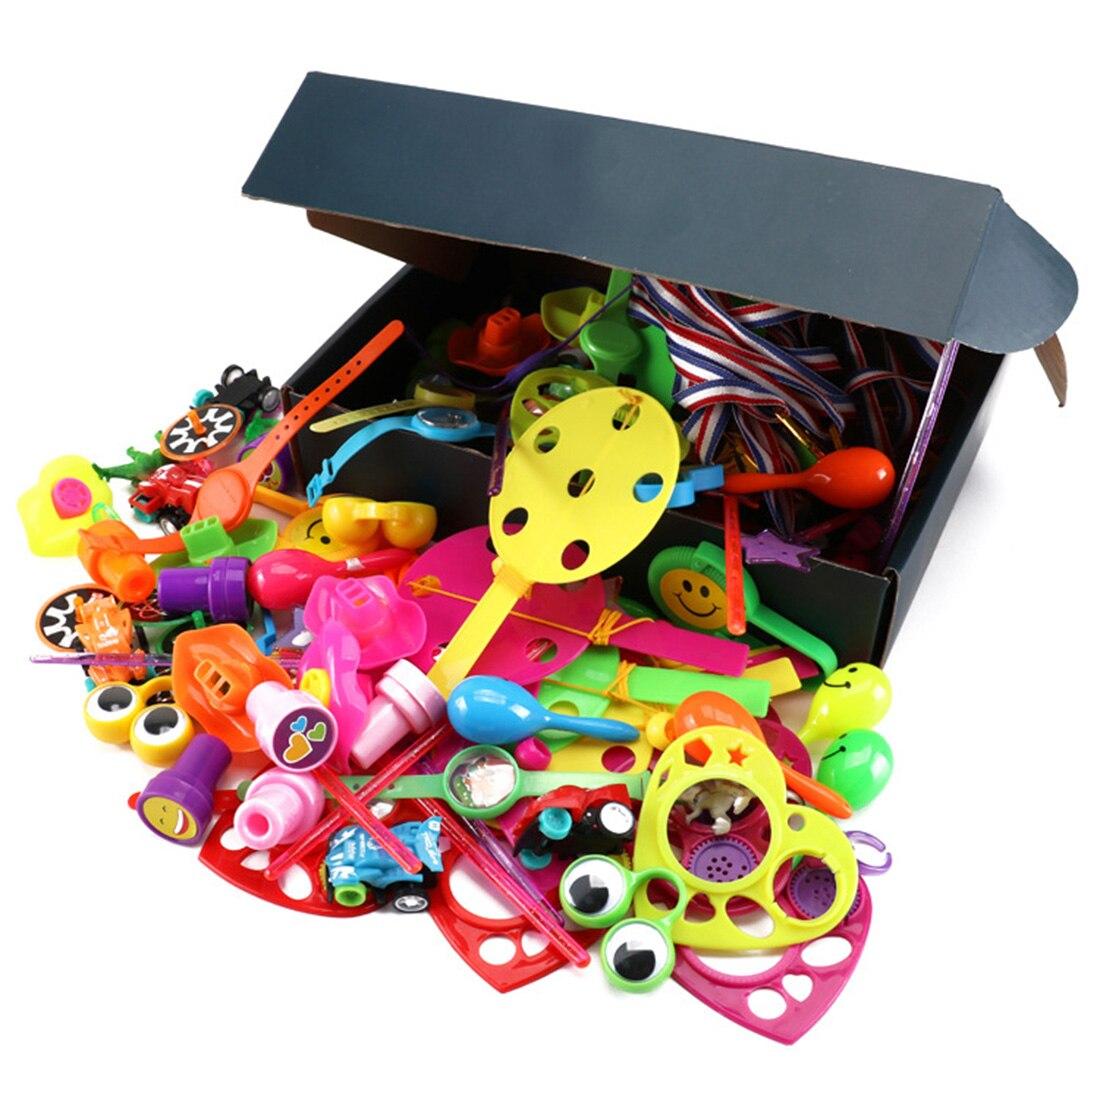 120 pçs crianças aniversário festa giveaways prêmios sortidas pequenos brinquedos conjunto festa favores brinquedos para crianças presente de aniversário